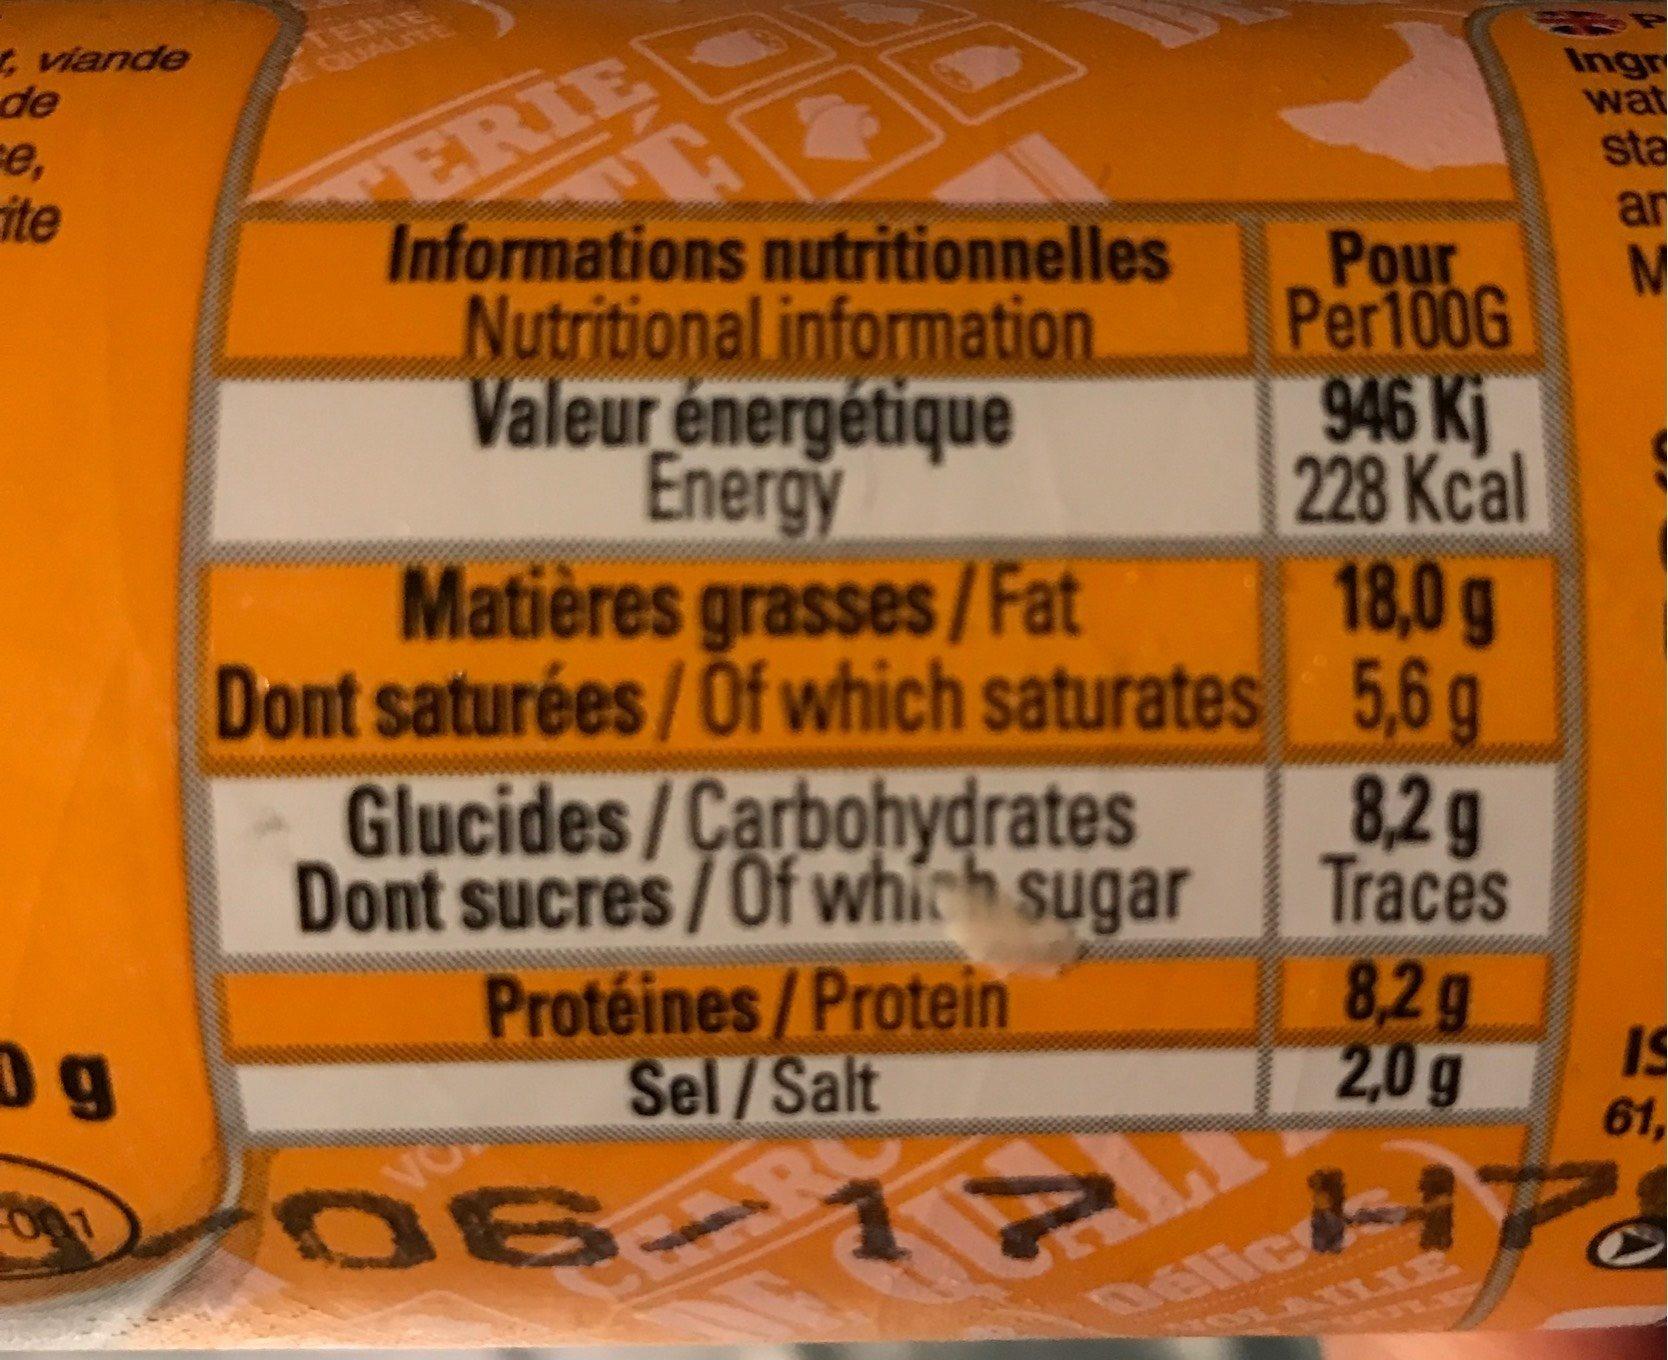 500G Saucisson Poulet Halal - Nutrition facts